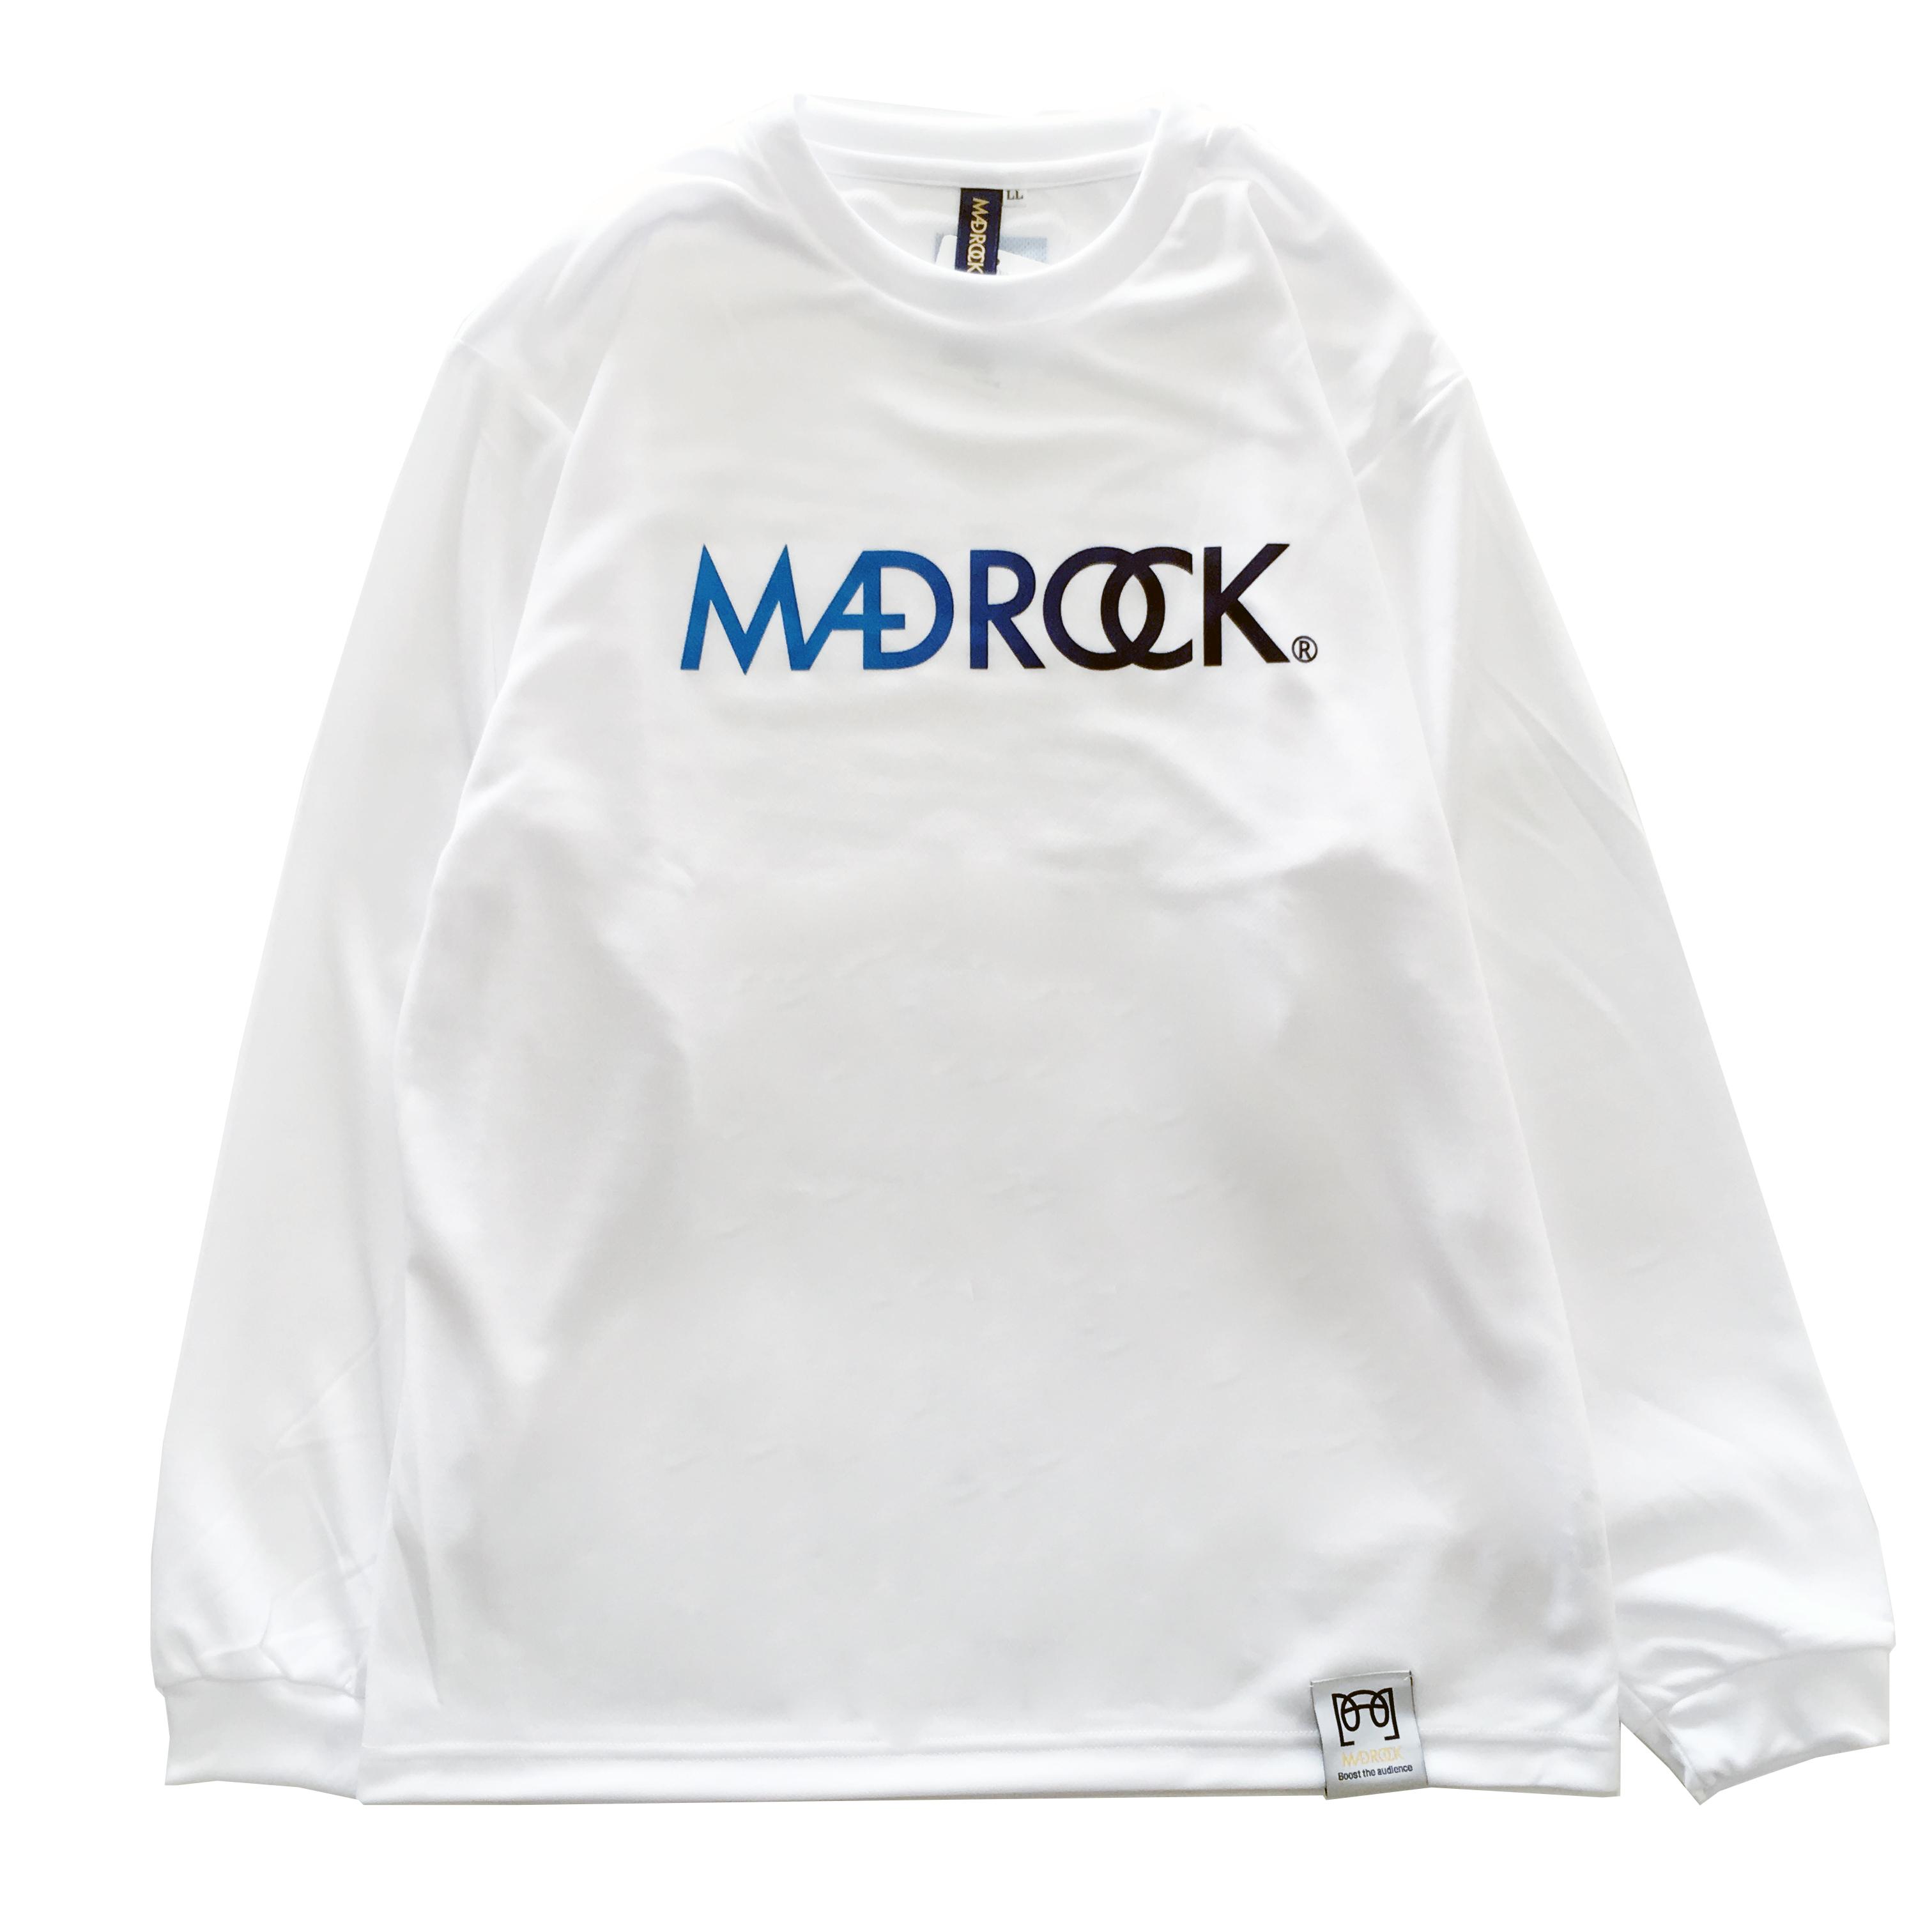 マッドロック / グラデーション ロゴ ロンT / ドライタイプ / ホワイト